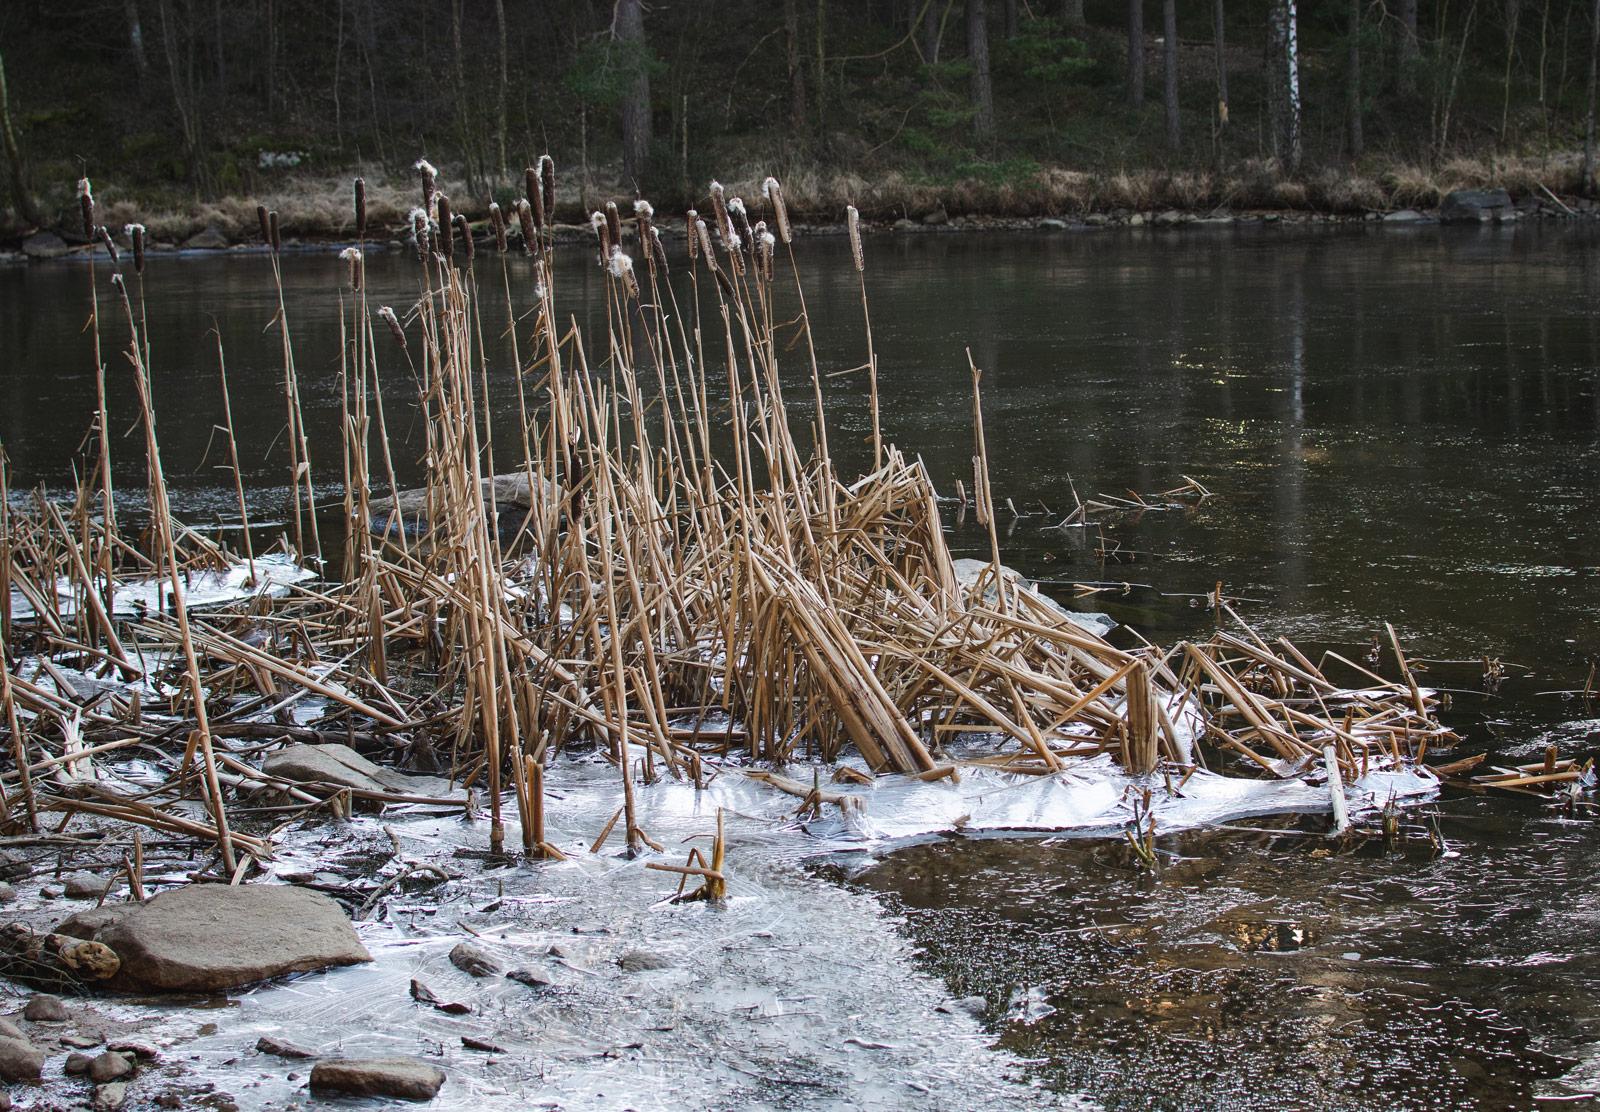 Frozen reeds